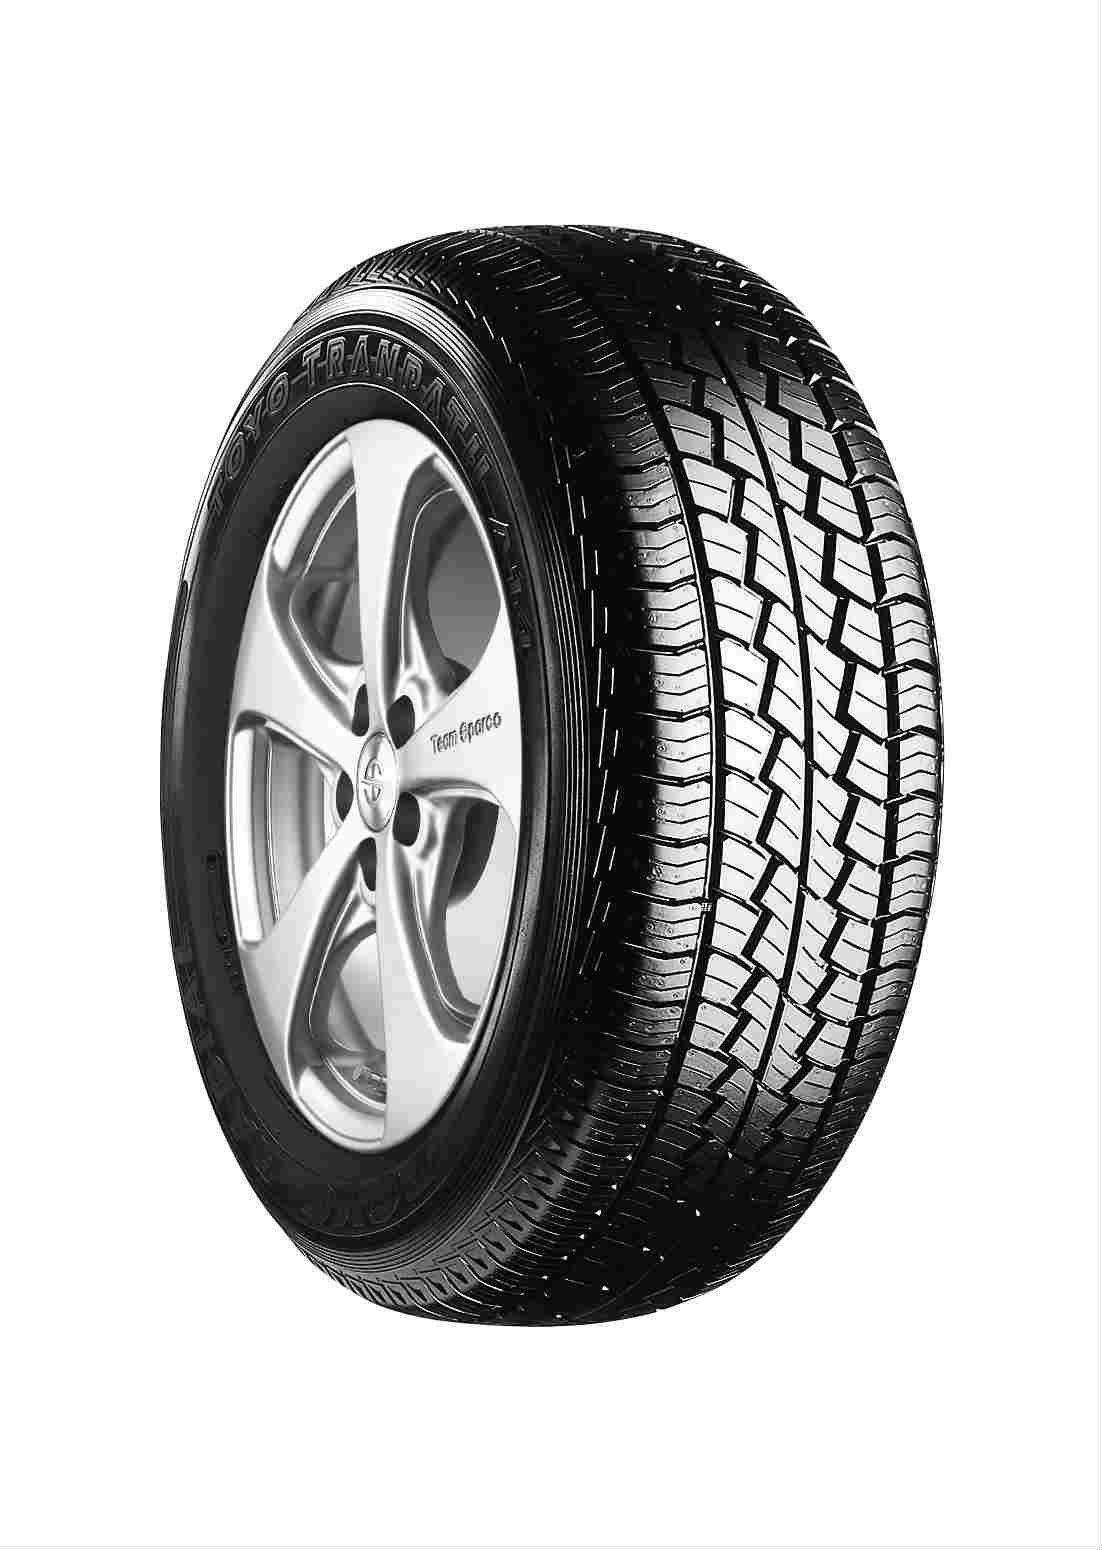 Neumático TOYO TRANPATH A14 215/70R15 98 S